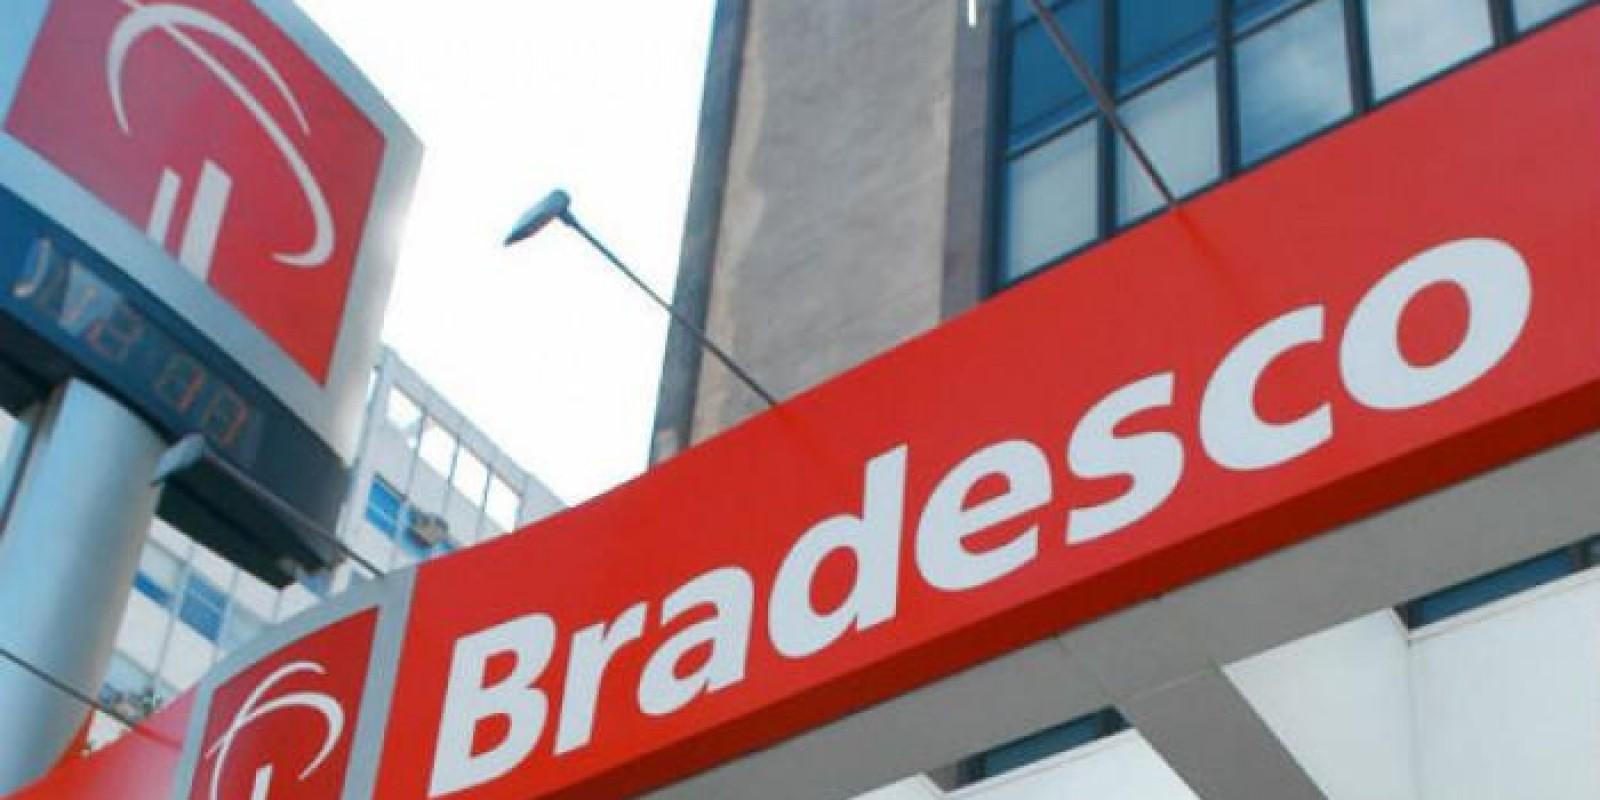 Bradesco lucra 19 bi em 2017 e reduz quase 10 mil postos de trabalho